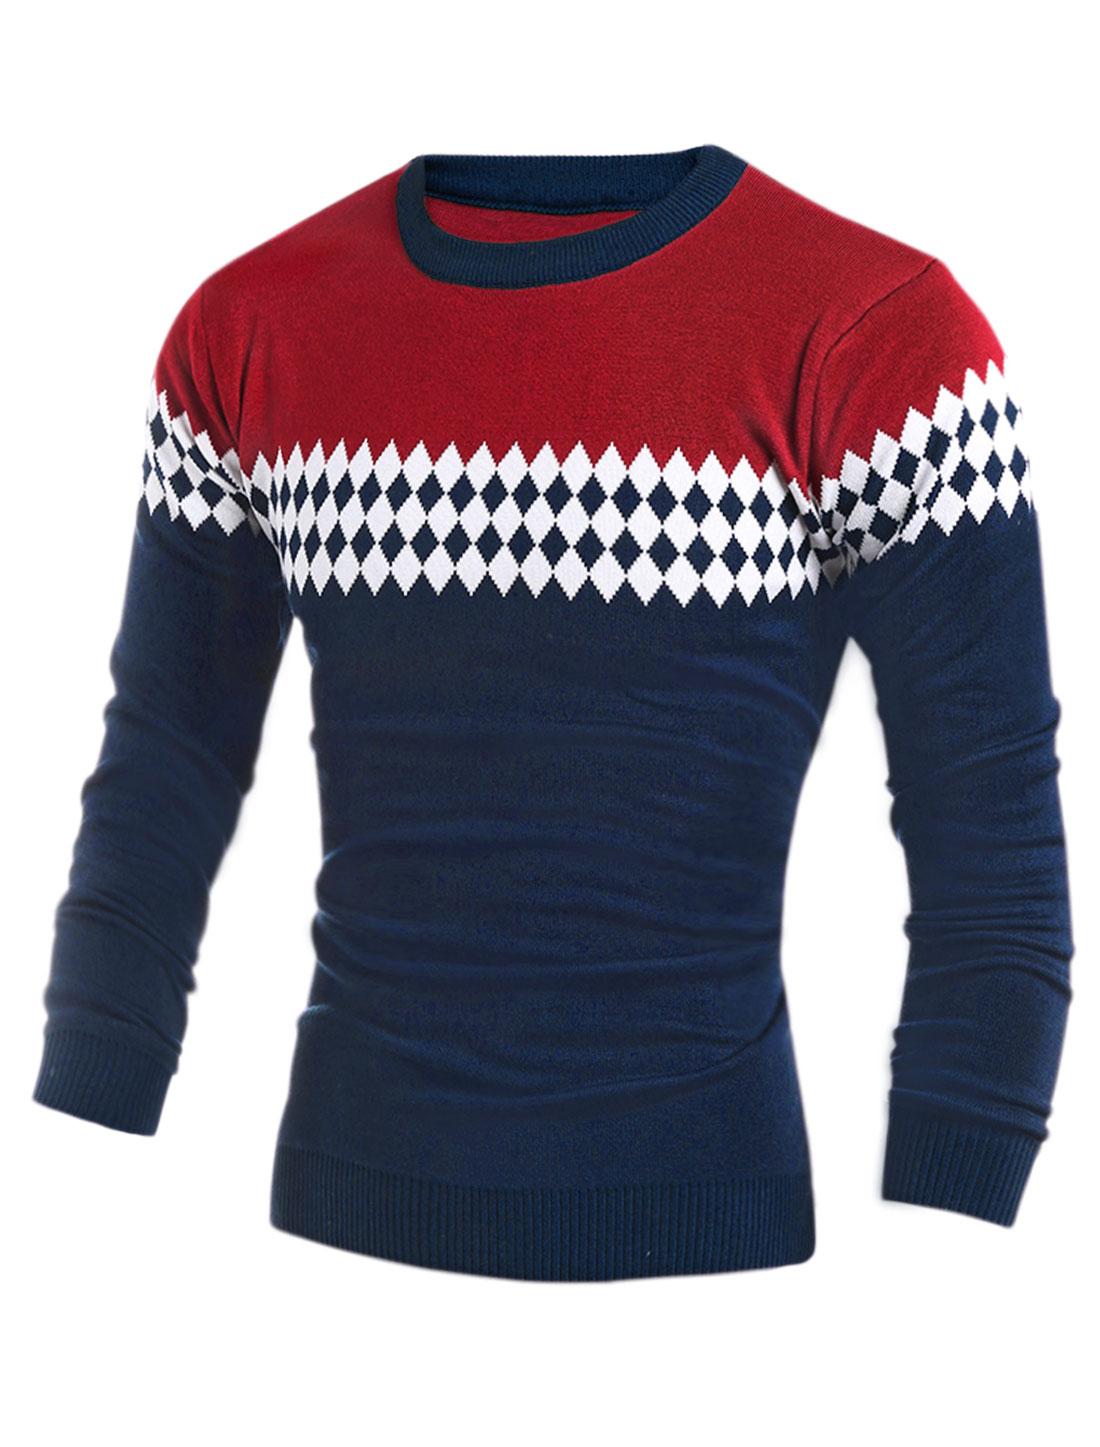 Men Argyle Pattern Crew Neckline Knitted Top Red S